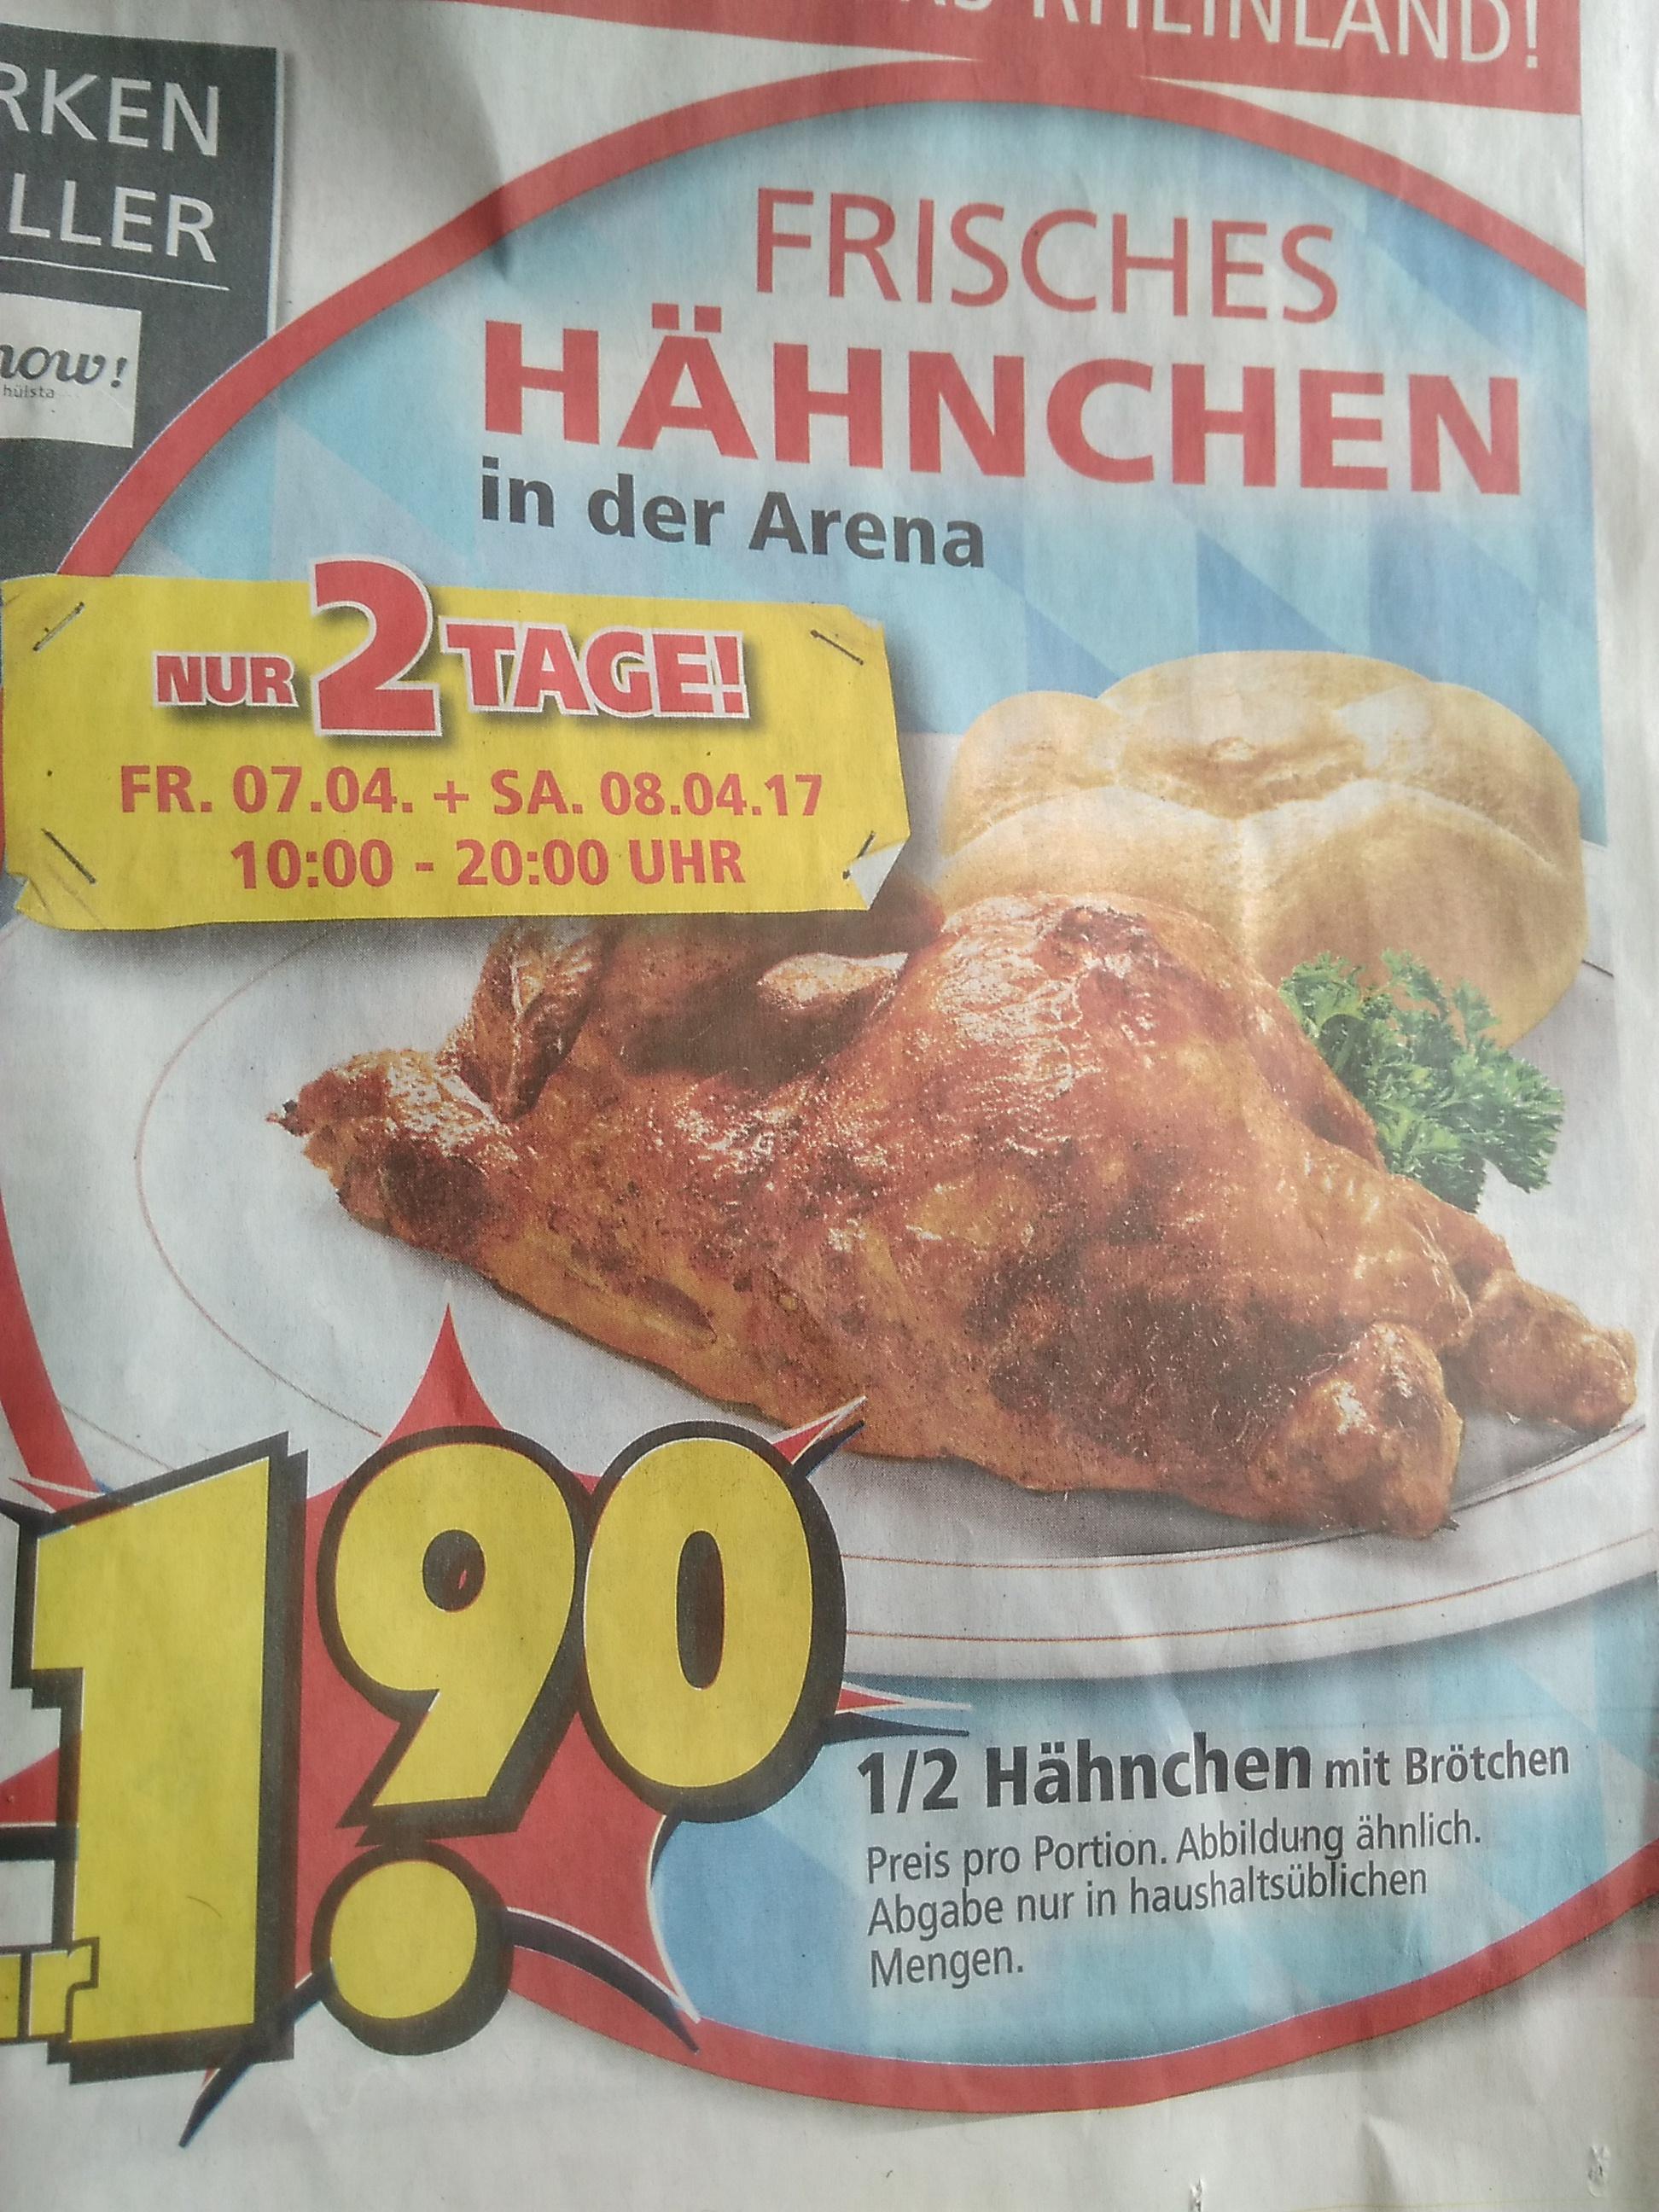 ( Pulheim bei Köln ) Halbes Hähnchen mit Brötchen für 1,90€ plus nette Abendangebote